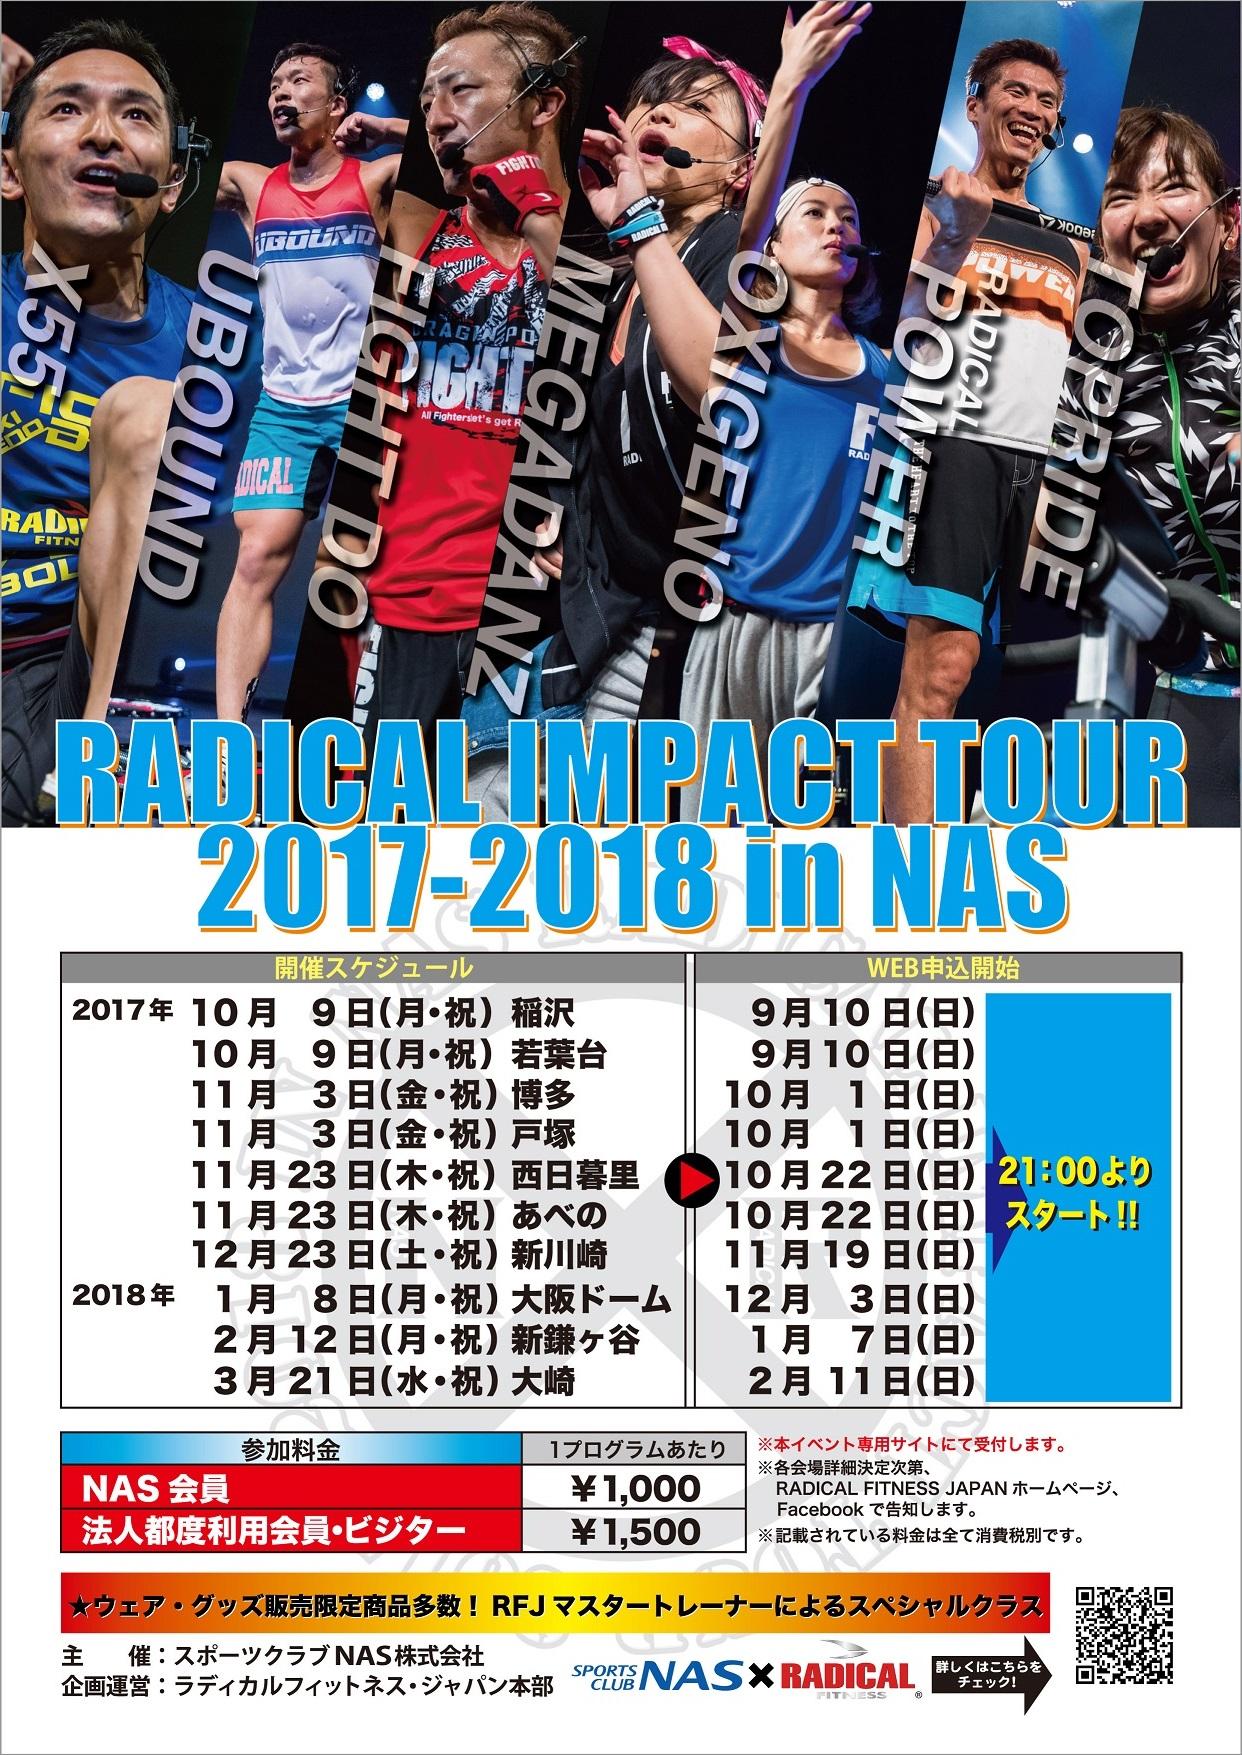 ラディカルインパクトツアー2017-2018 in NAS稲沢 ビジター様